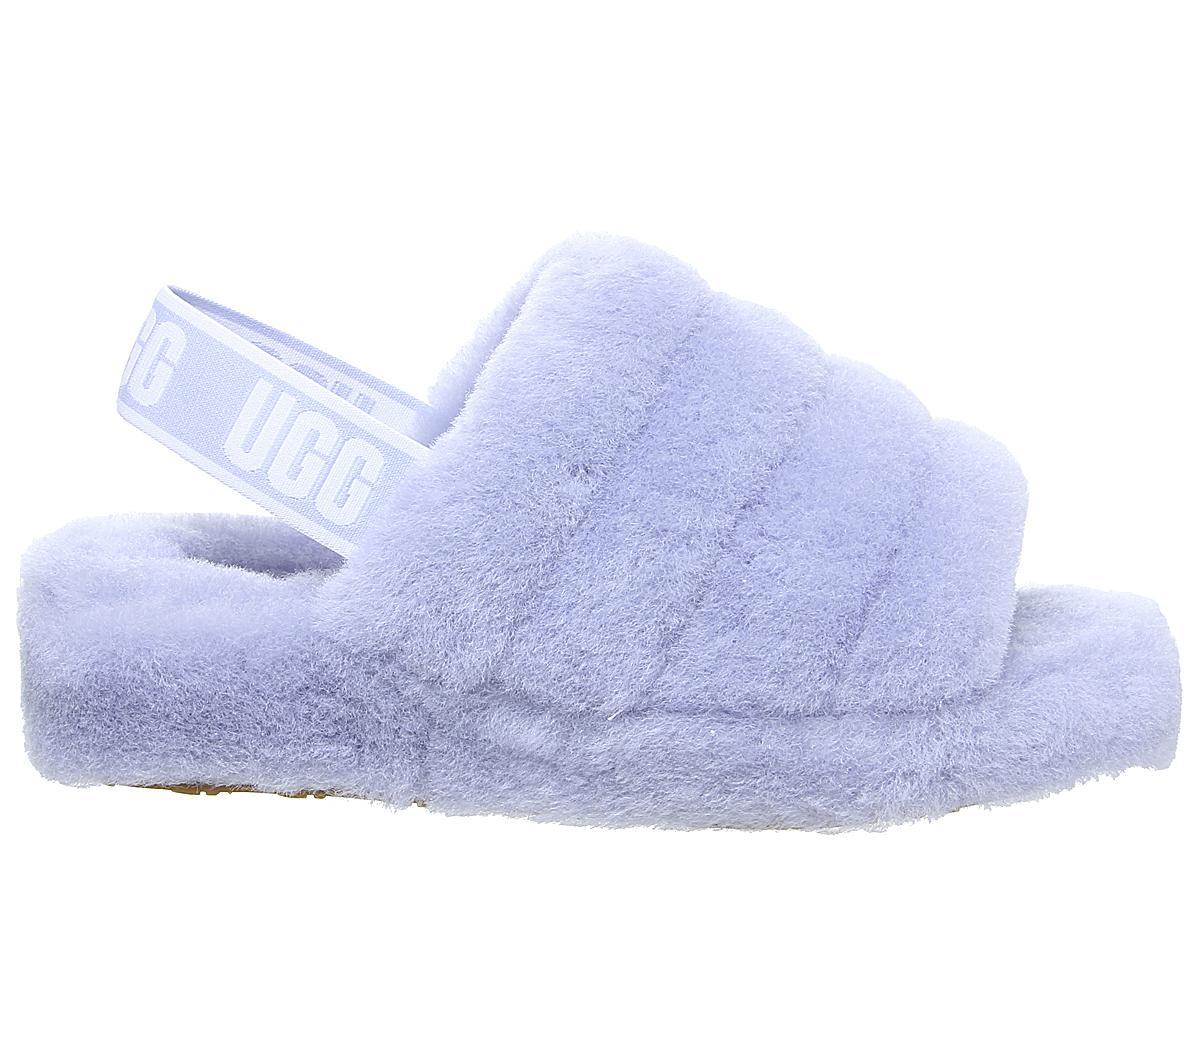 UGG Fluff Yeah Slide Fresh Air - Sandals